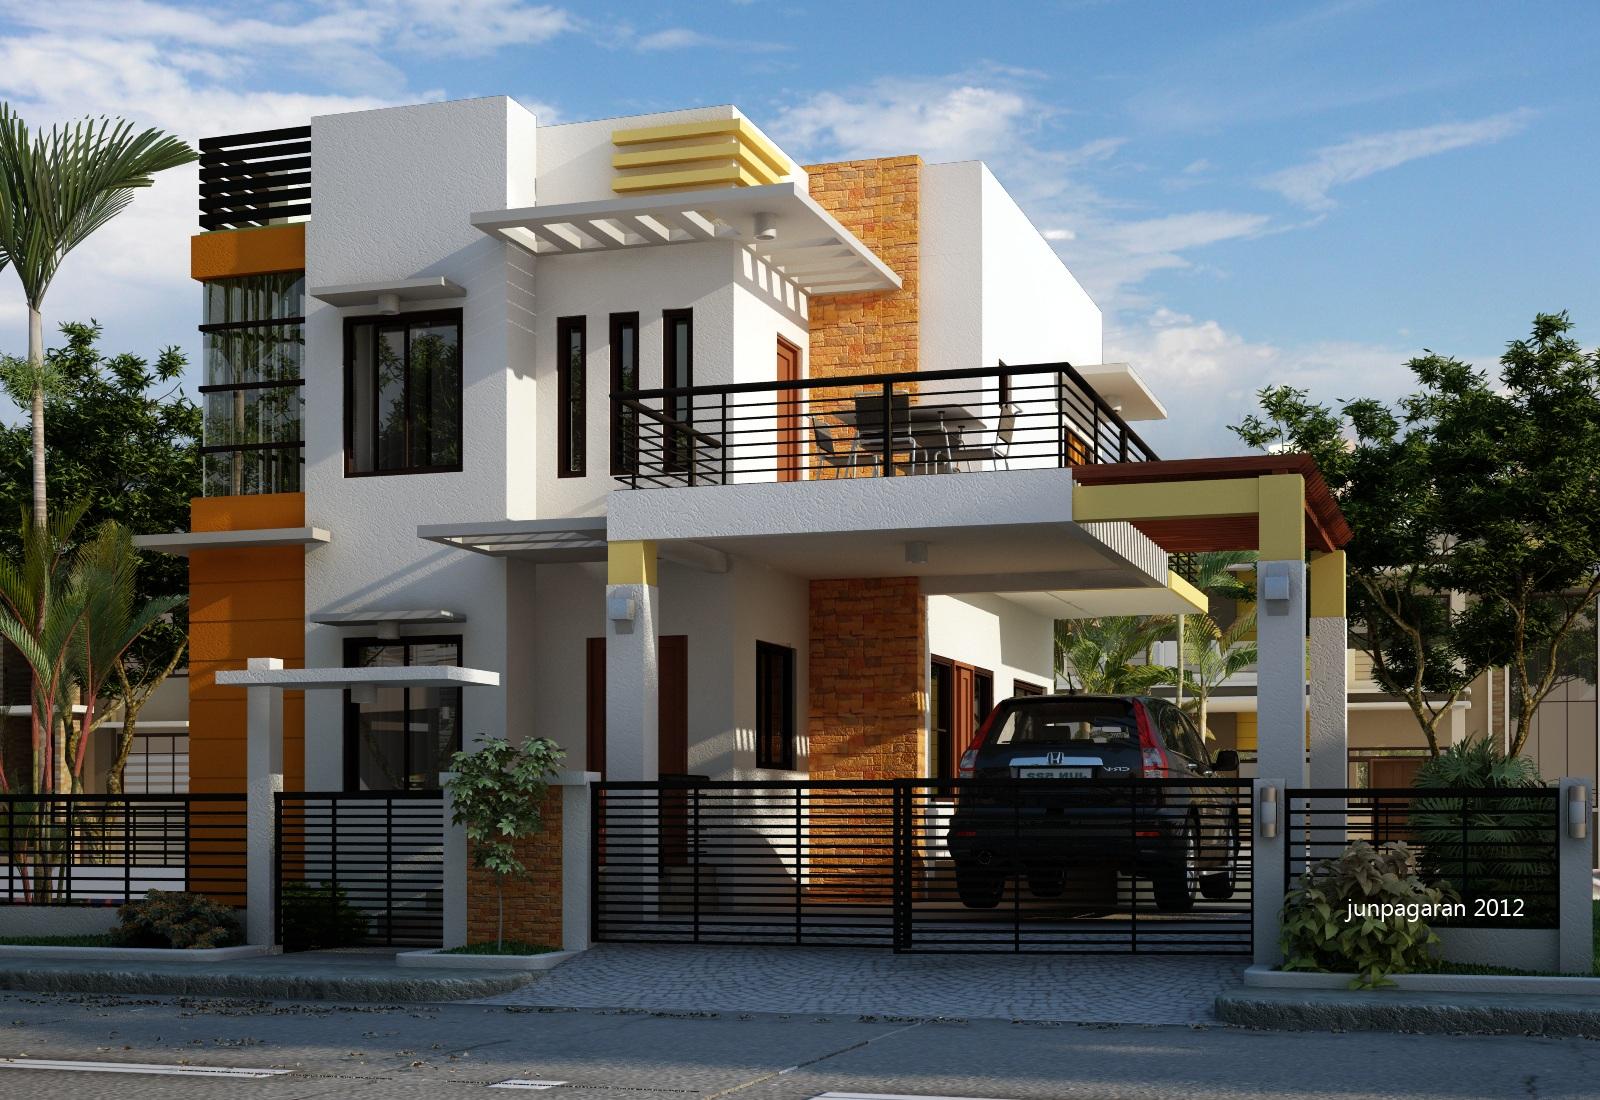 70 Desain Rumah Mewah Minimalis Modern 2 Lantai Desain Rumah